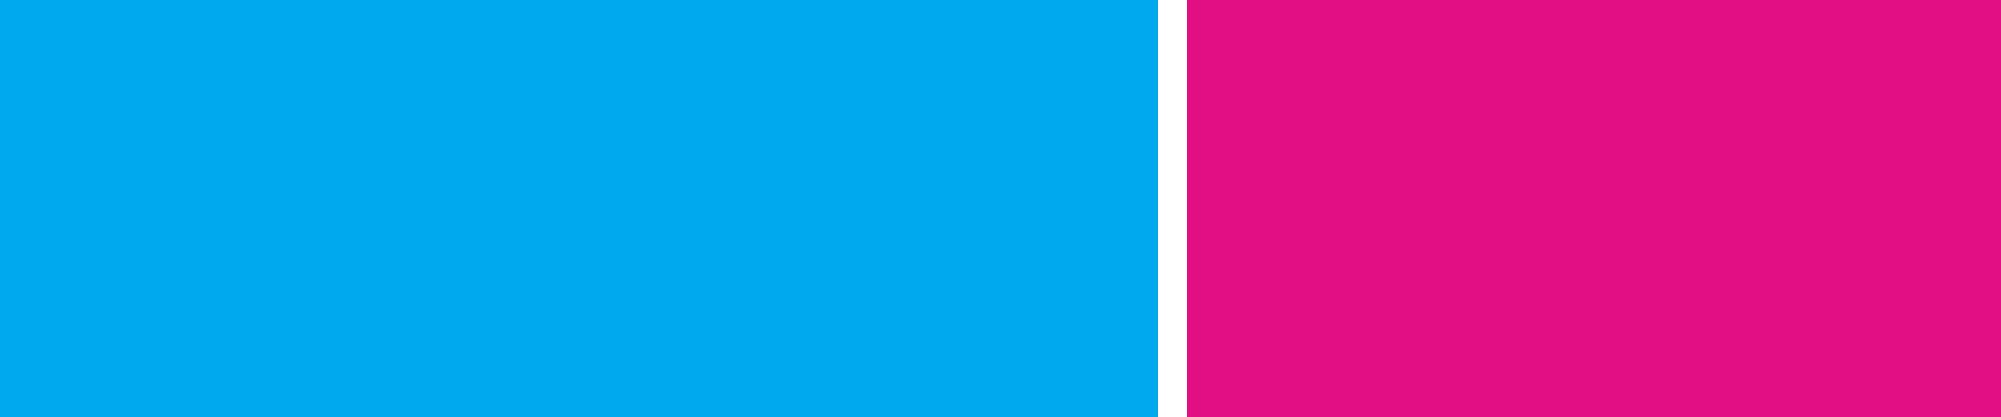 SCAD Day logo